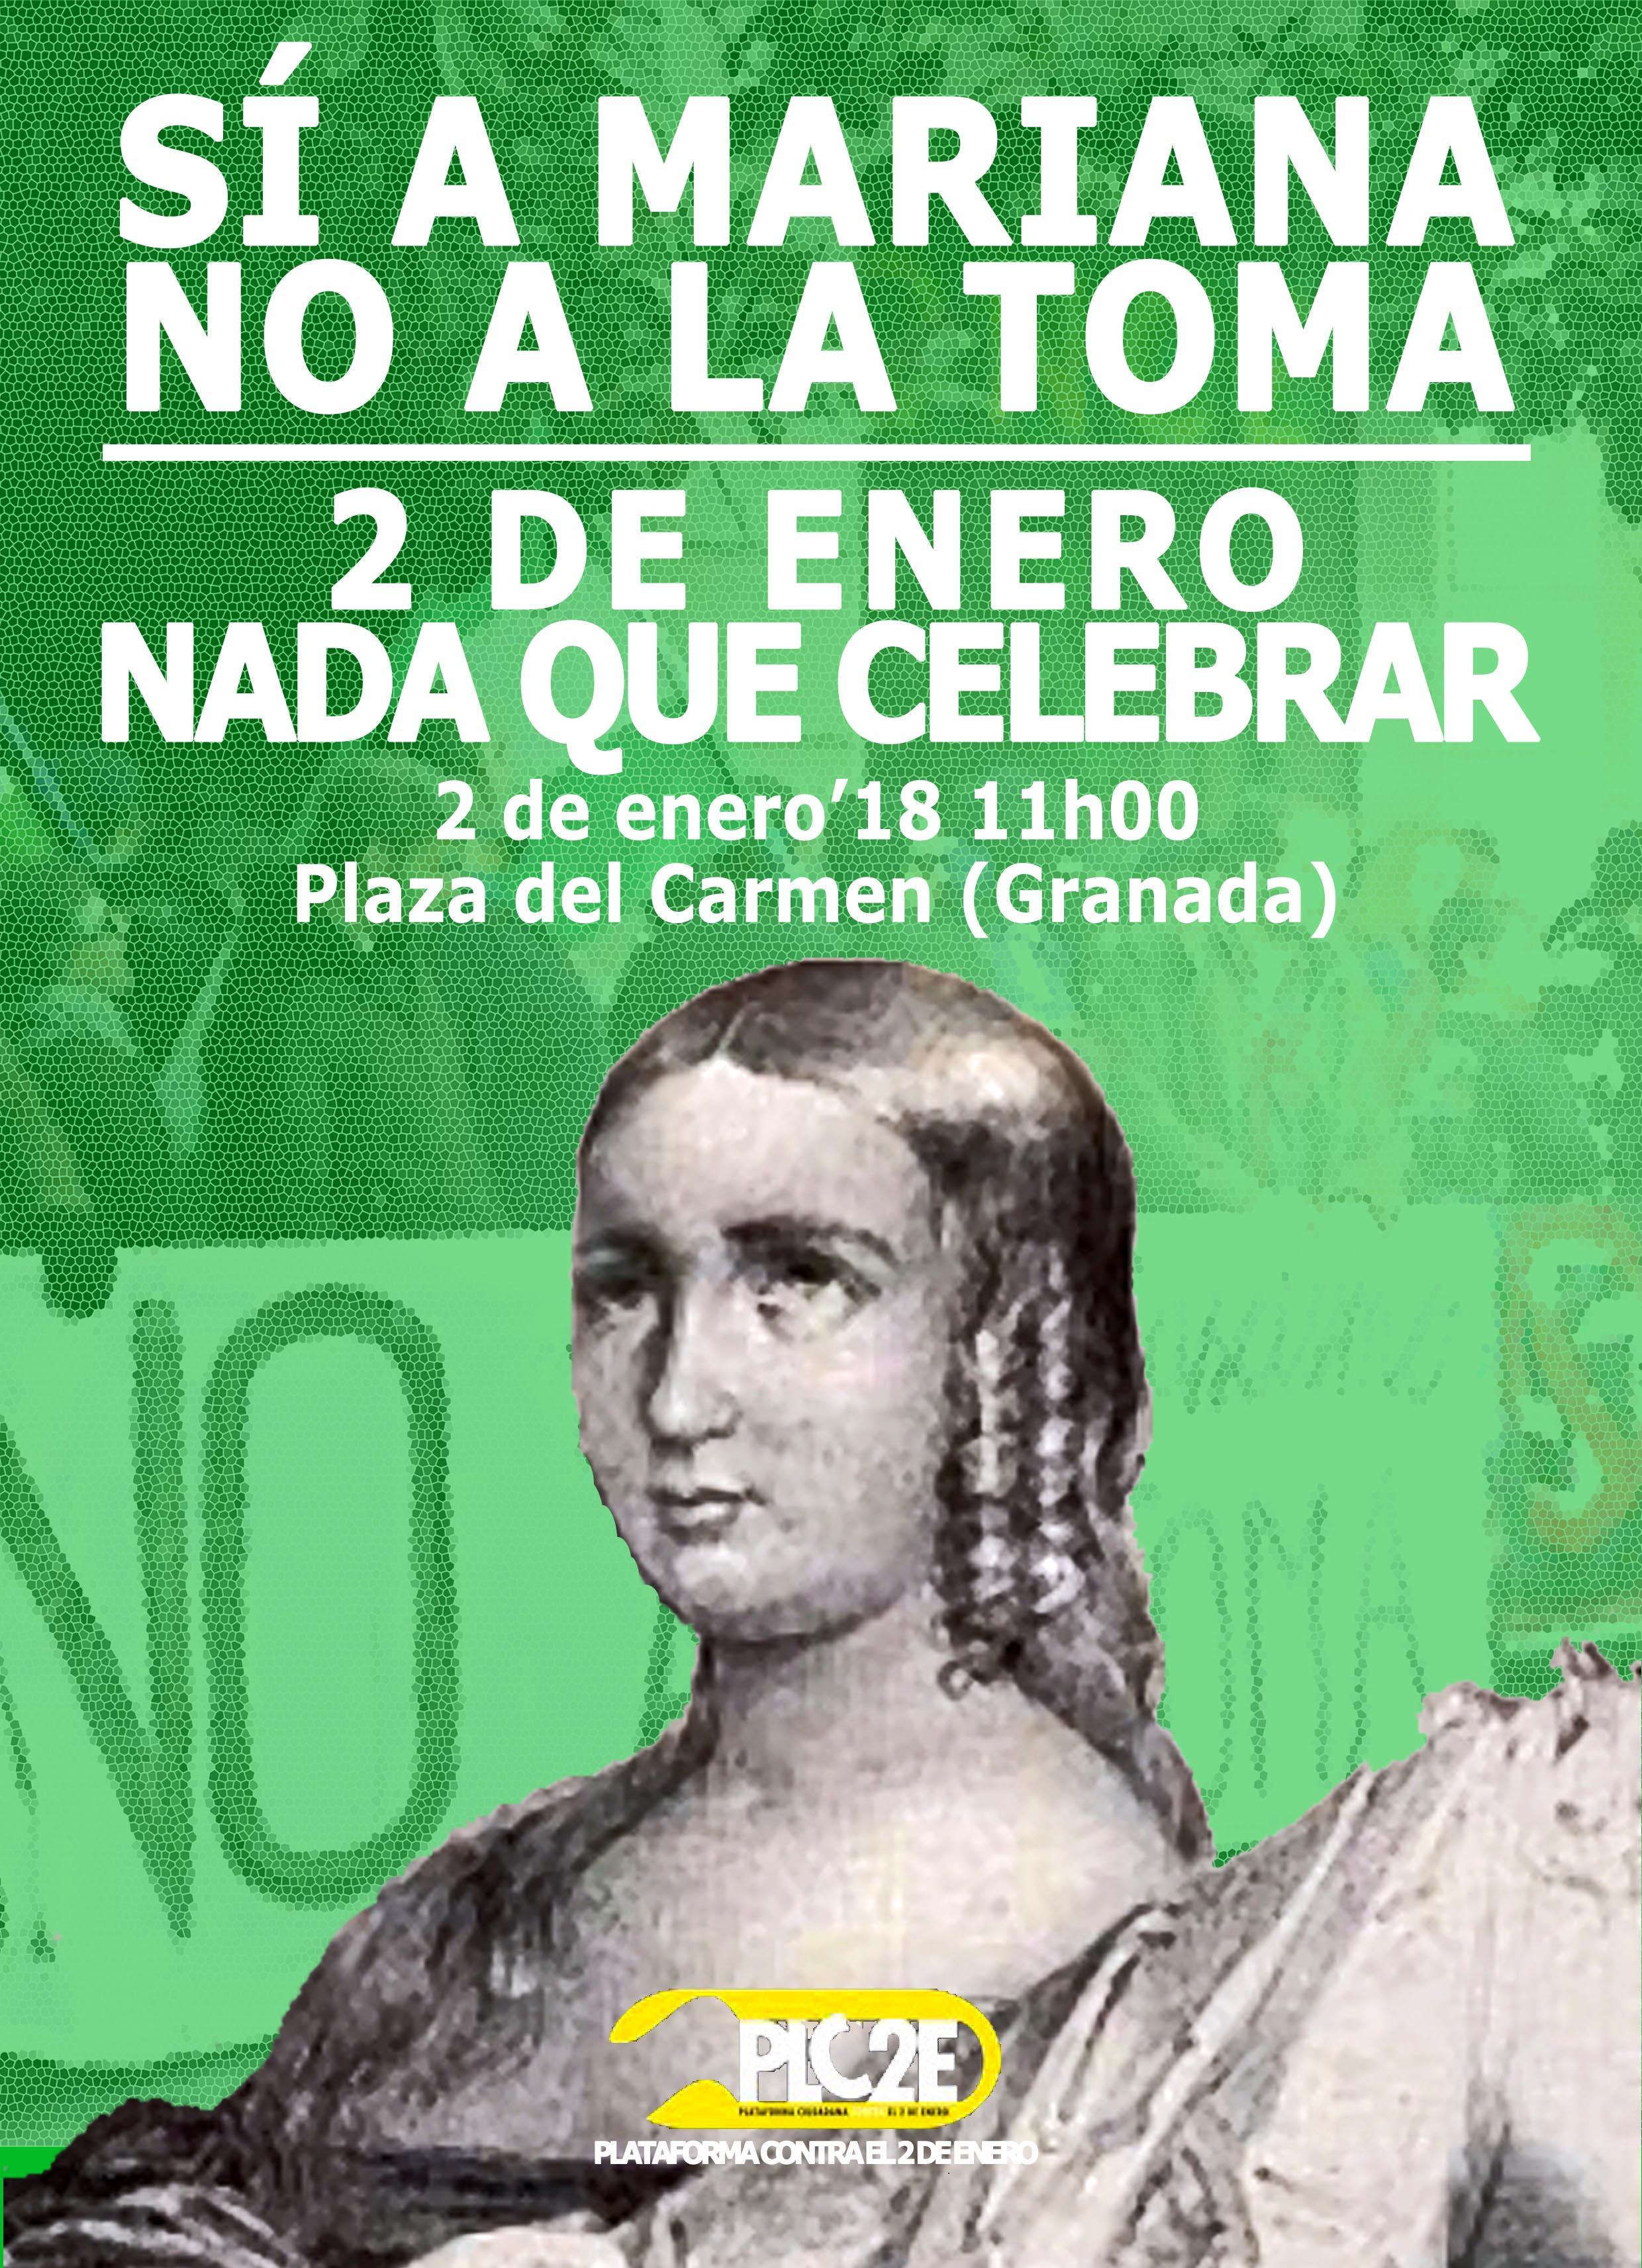 Nación Andaluza ante la celebración de la conquista de Granada: ¡2 de enero, nada que celebrar!